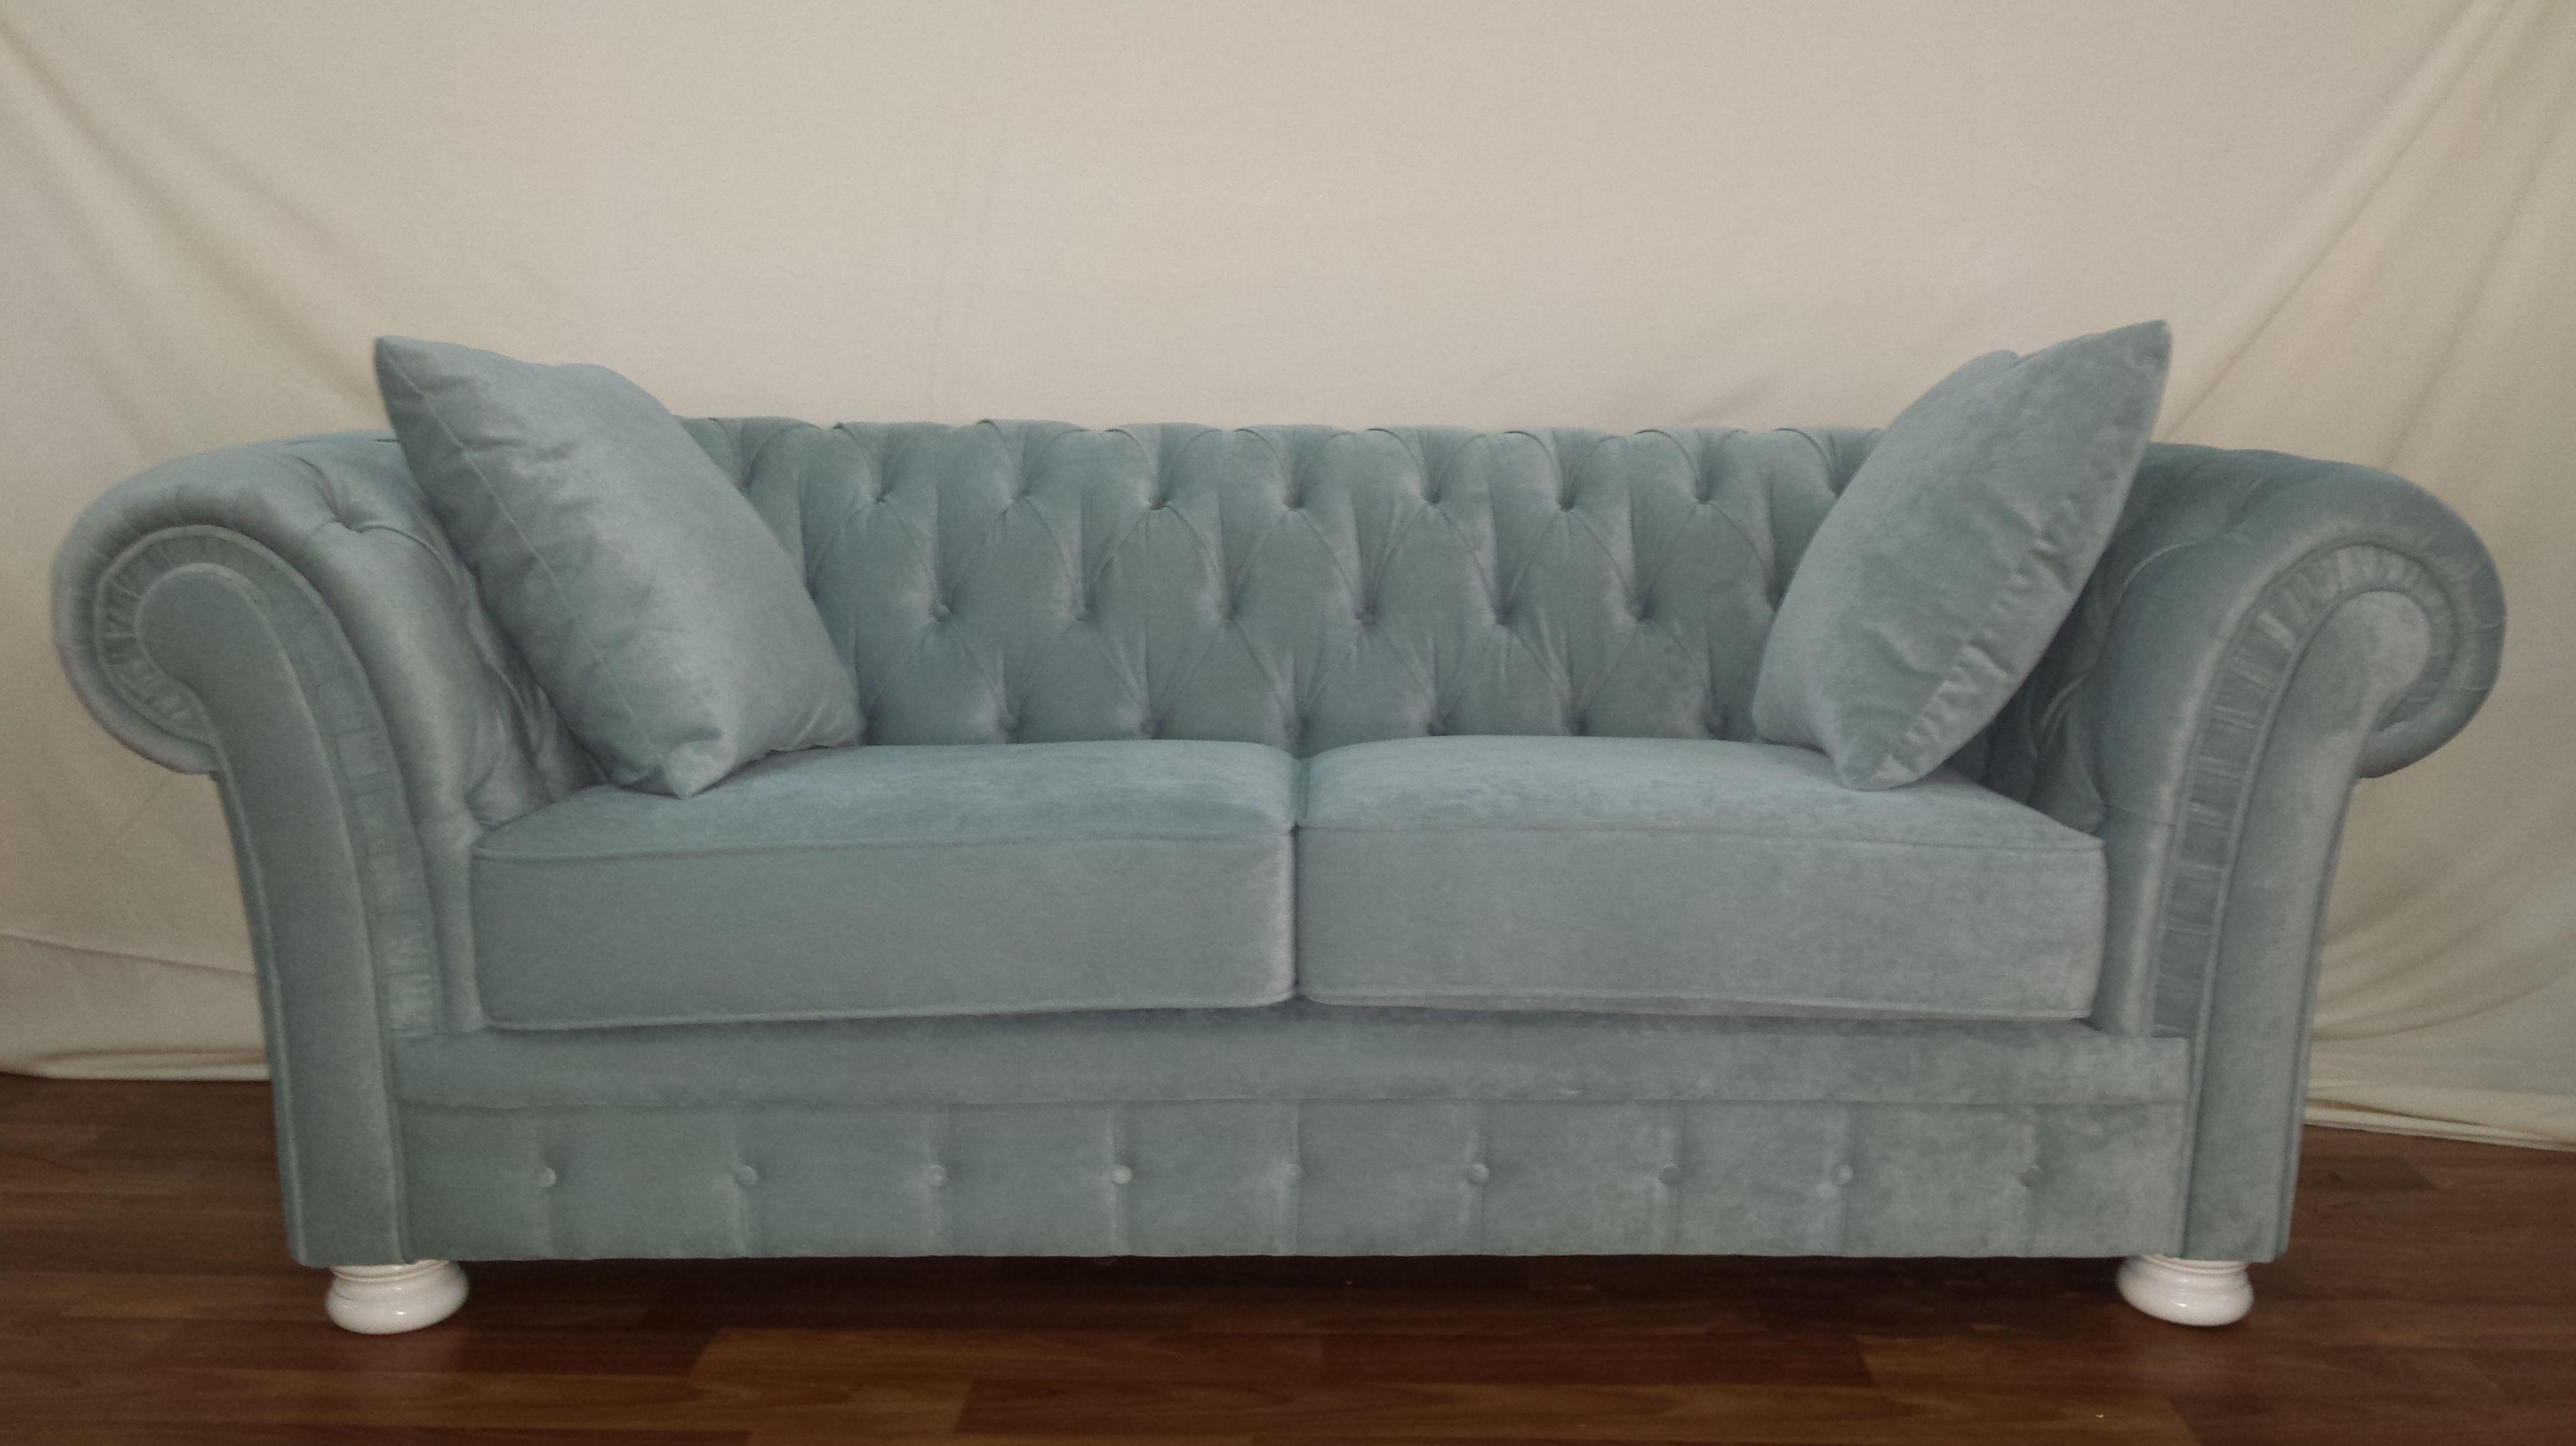 Mundo Sofá somos especialistas en sofás, butacas, sofá cama...